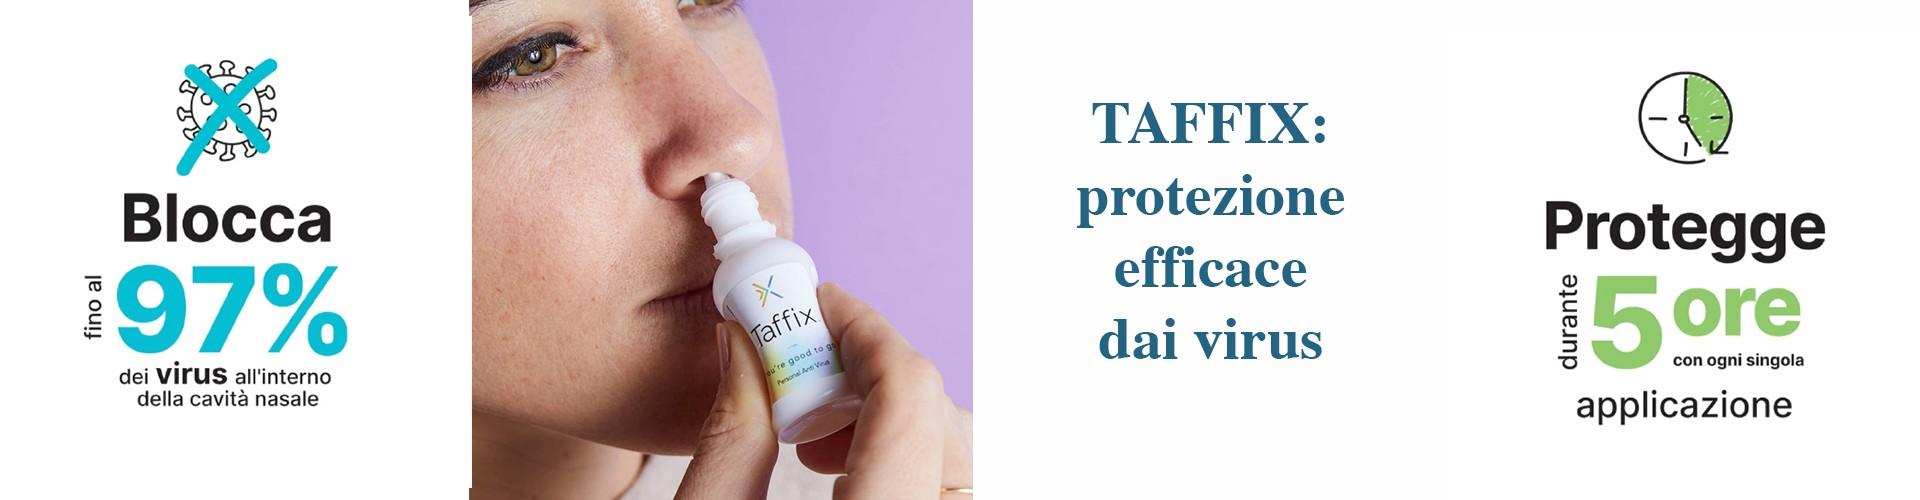 Taffix: protezione efficace